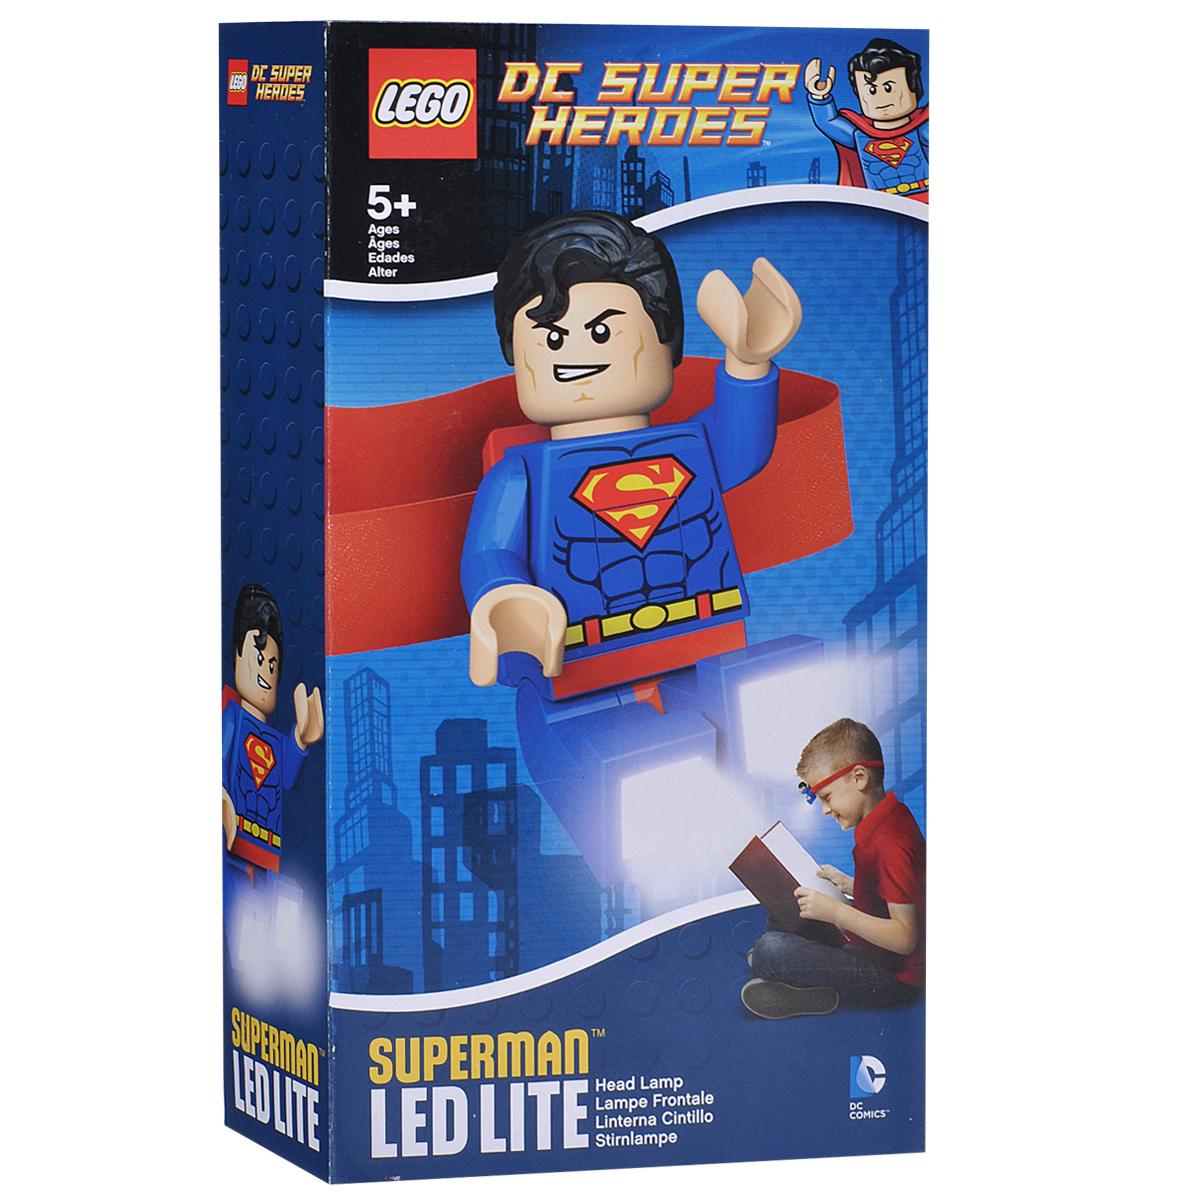 Налобный фонарик Lego Superman. LGL-HE7LGL-HE7Налобный фонарик Lego Superman исполненный в виде бесстрашного супергероя, станет верным спутником при любом занятии вашего ребенка. Фонарик станет незаменимым в походах, при чтении книг, конструировании, собирании мозайки и других интересных занятиях и играх.Главное отличие этого изделия заключается в том, что он не только освещает нужное пространство, но и оставляет руки хозяина свободными. Яркие светодиодные лампы встроены в ступни героя.Супергерой может вращать конечностями, что позволяет использовать его как игрушку, а также направлять светодиодные лампы в двух направлениях. Работает устройство от двух круглых батареек, которые входят в комплект. Характеристики:Материал: пластик, металл. Размер игрушки: 7 см х 4 см.Изготовитель: Китай.BR> В комплекте c батарейками 2 хСR2025 3v.